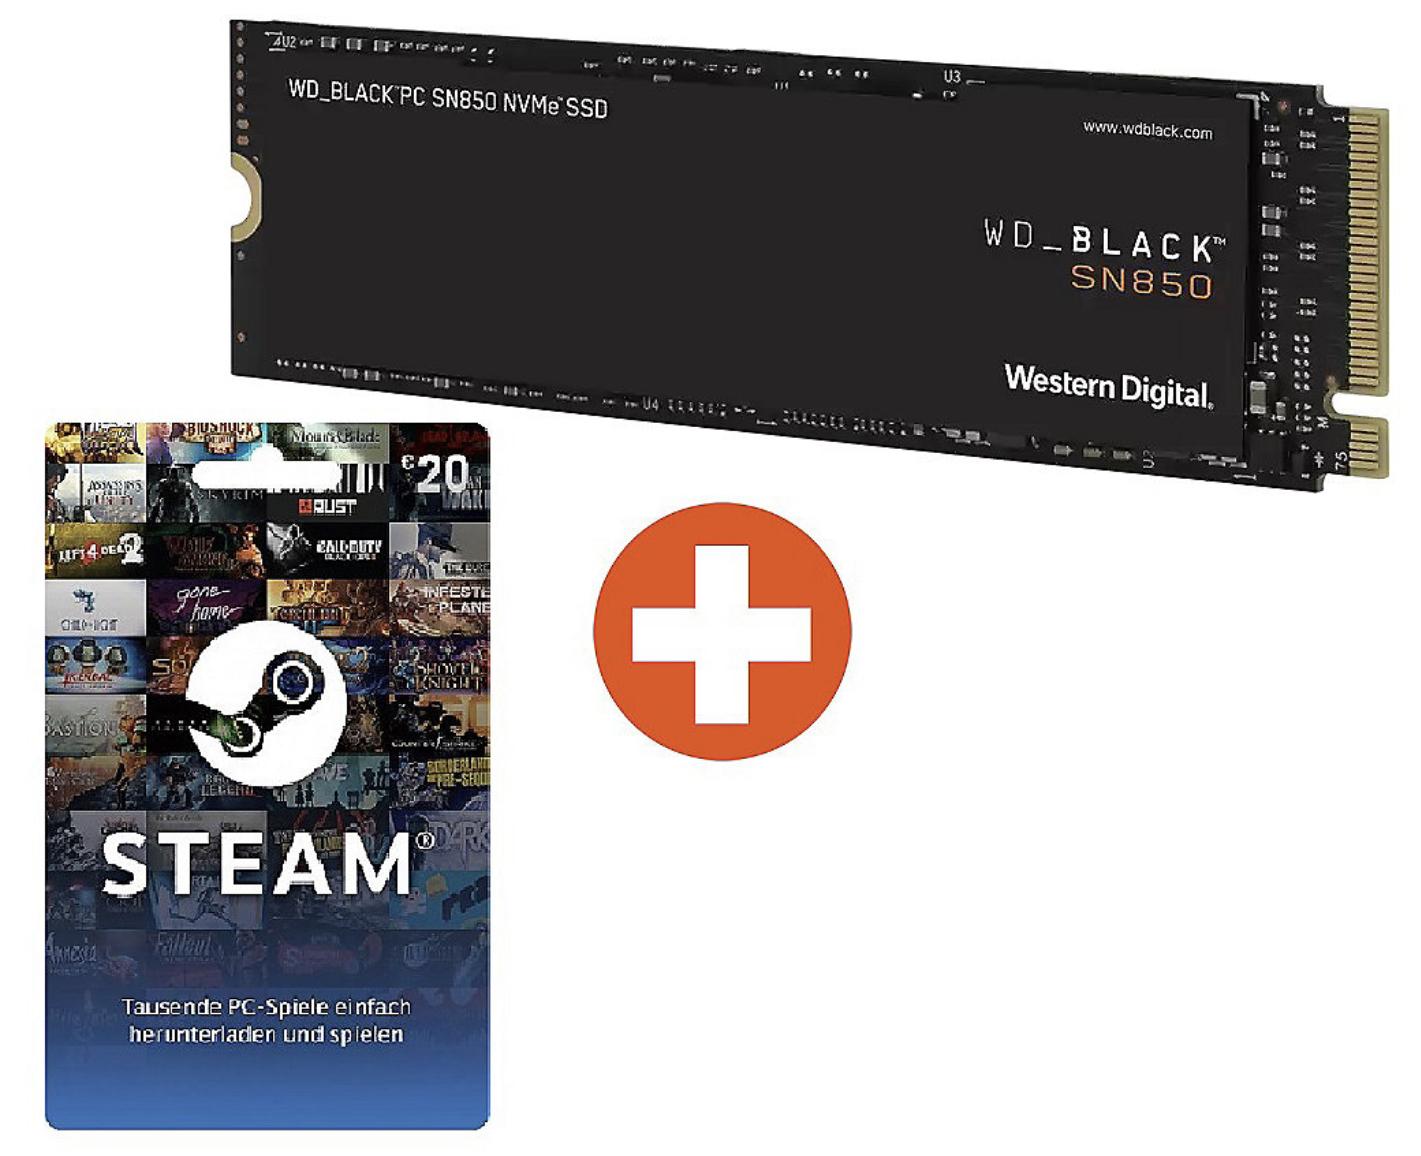 Western Digital WD Black SN850 High-Performance NVMe M.2 SSD 1TB + 20€ Steam Guthaben für 164,89€ inkl. Versandkosten (159,90€ bei Abholung)